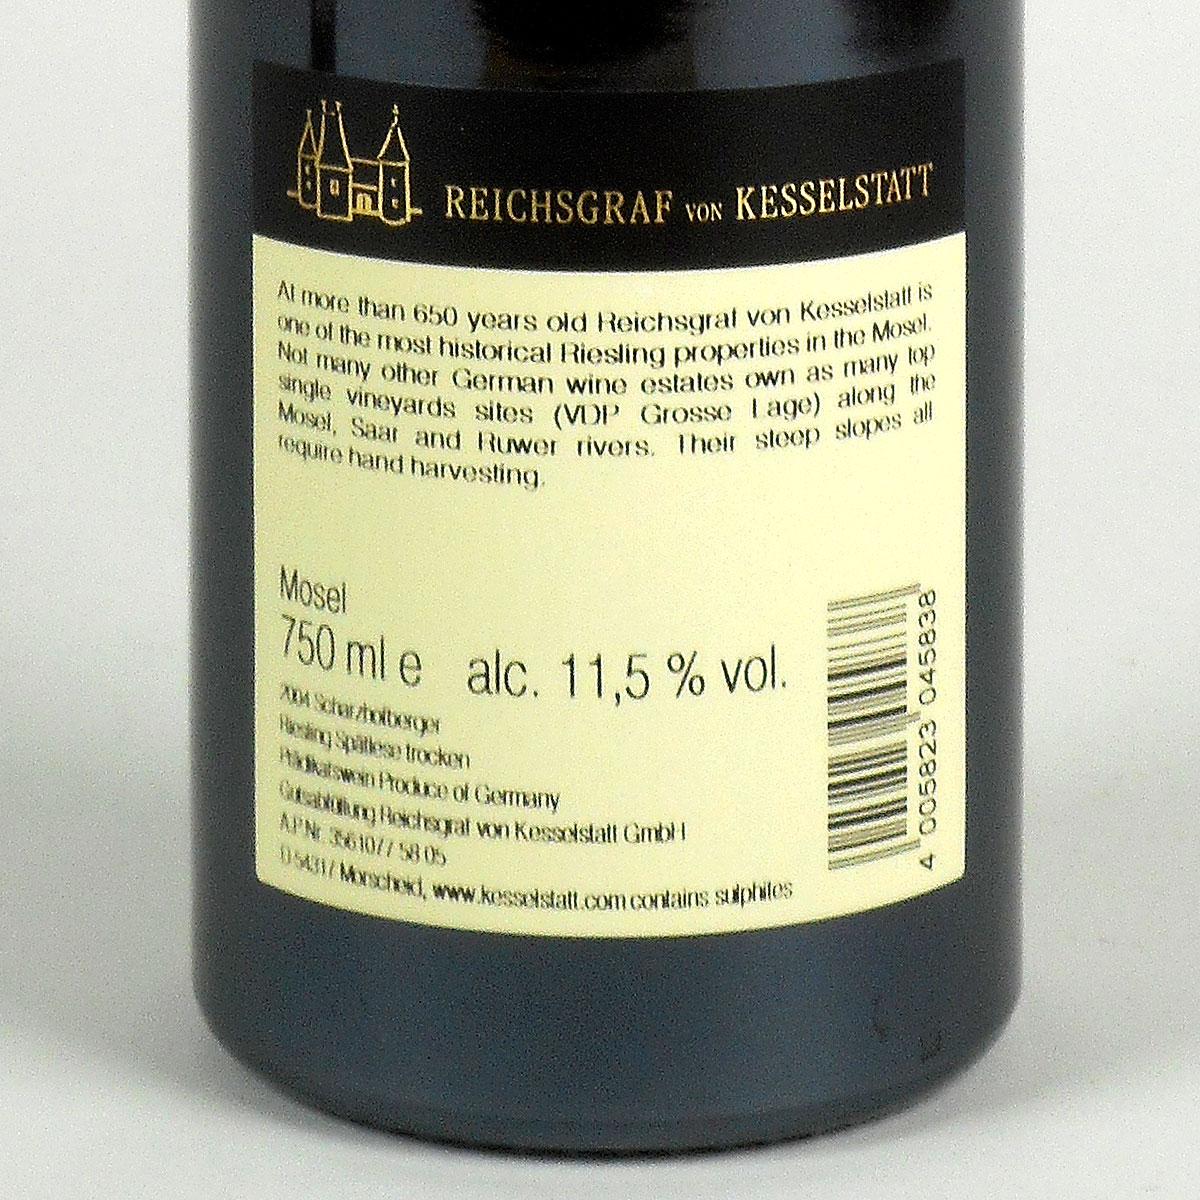 Saar: Reichsgraf von Kesselstatt Scharzhofberger Riesling Spätlese 2004 - Bottle Rear Label